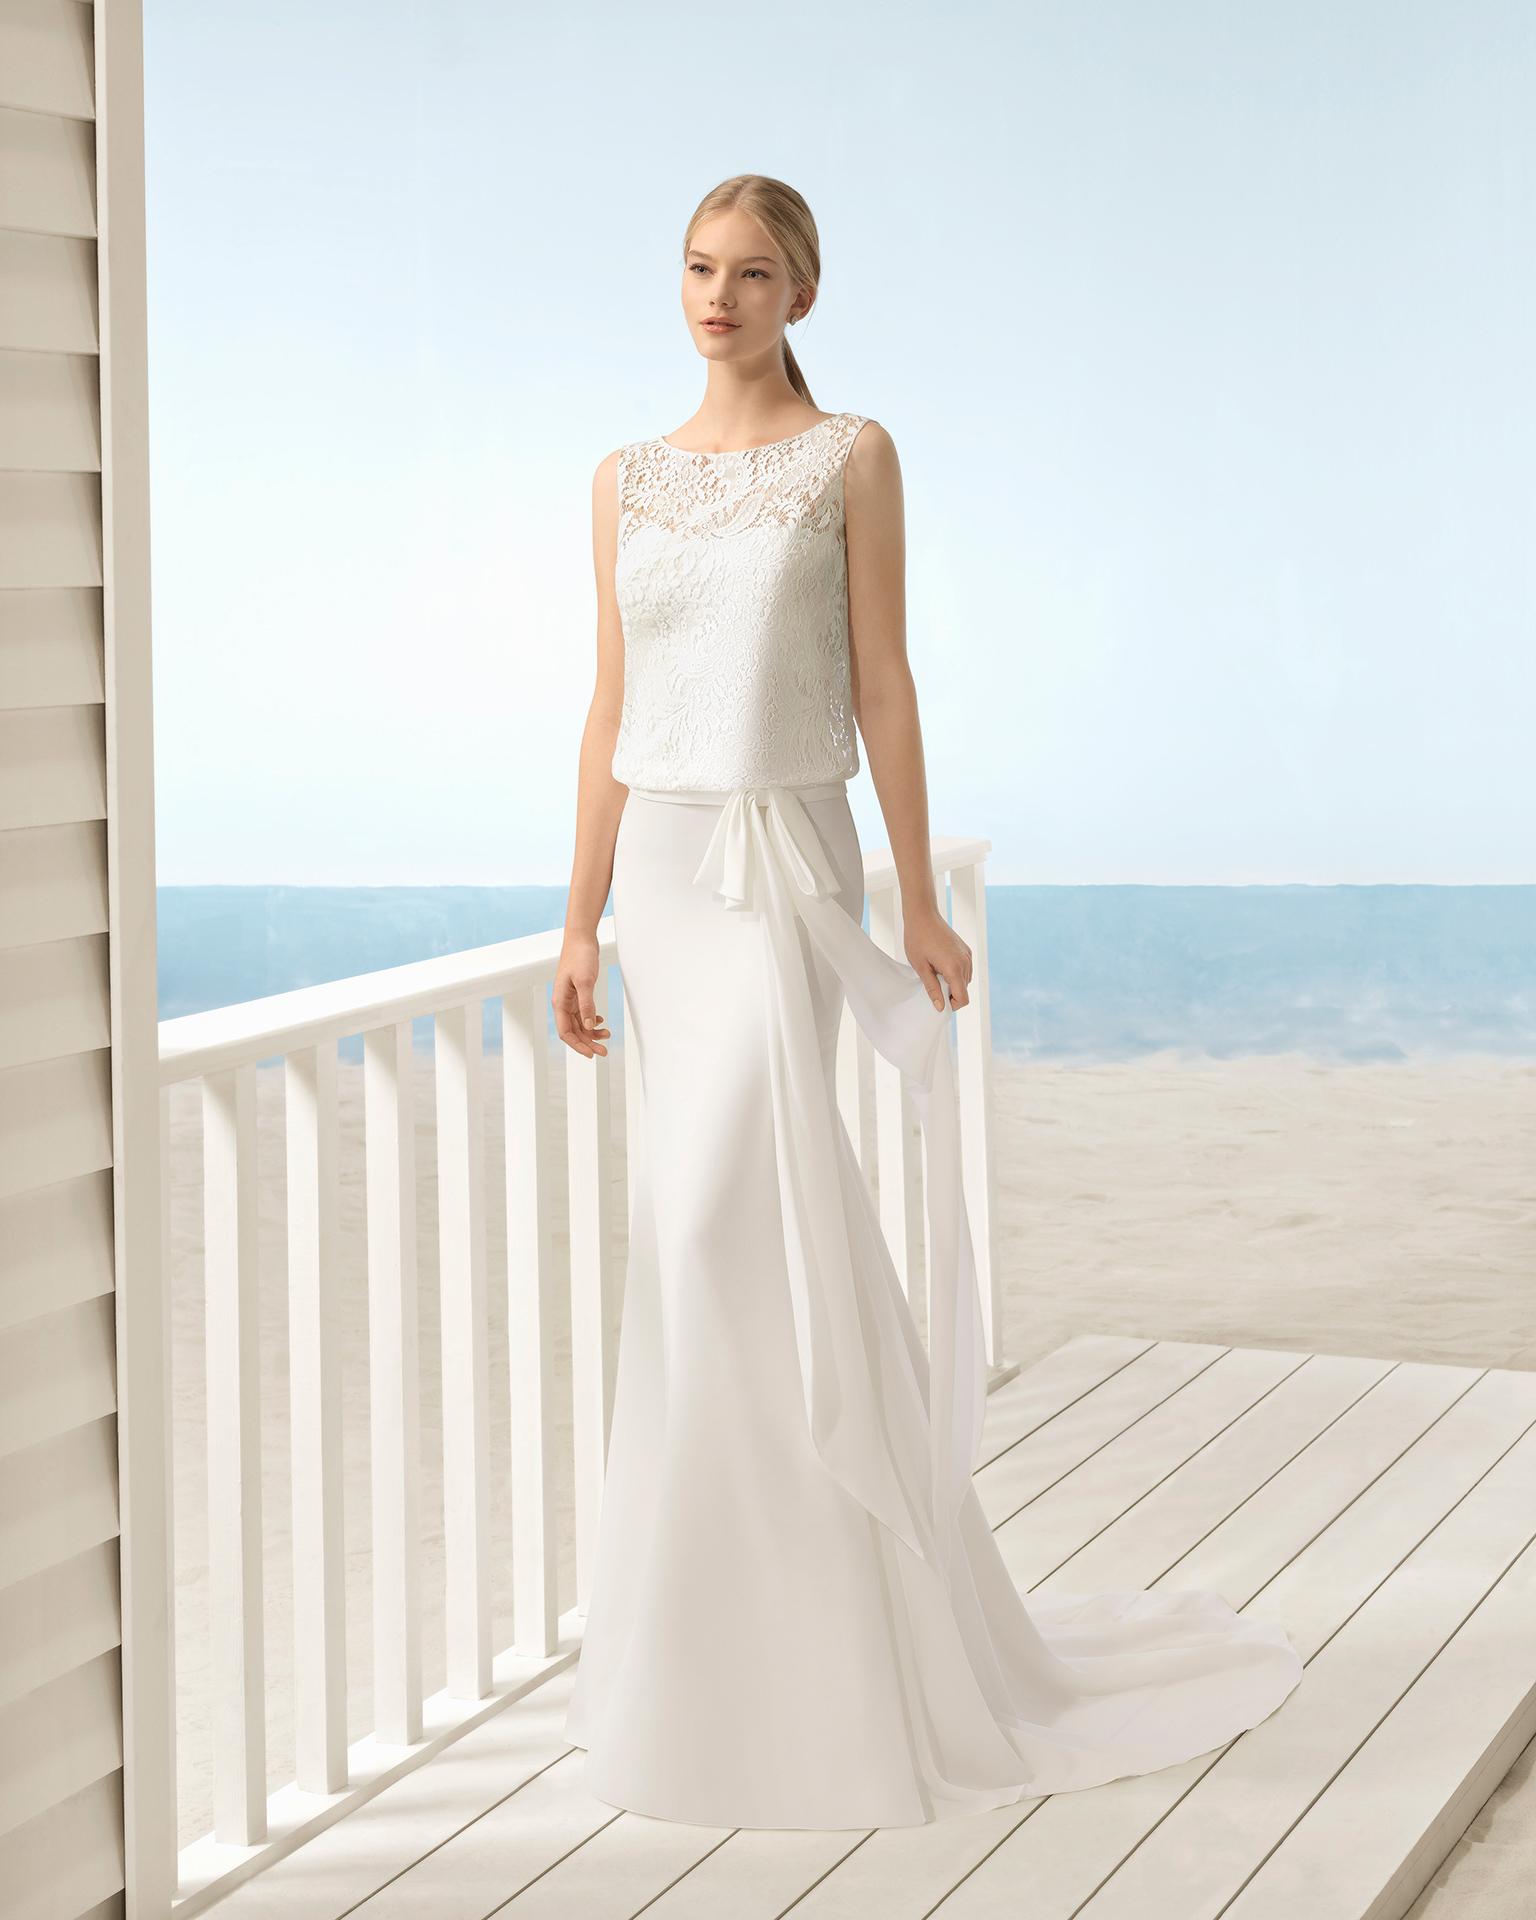 Rochie de mireasă în stil boho din dantelă și voal, cu decolteu iluzie fără bretele și body bluzat.